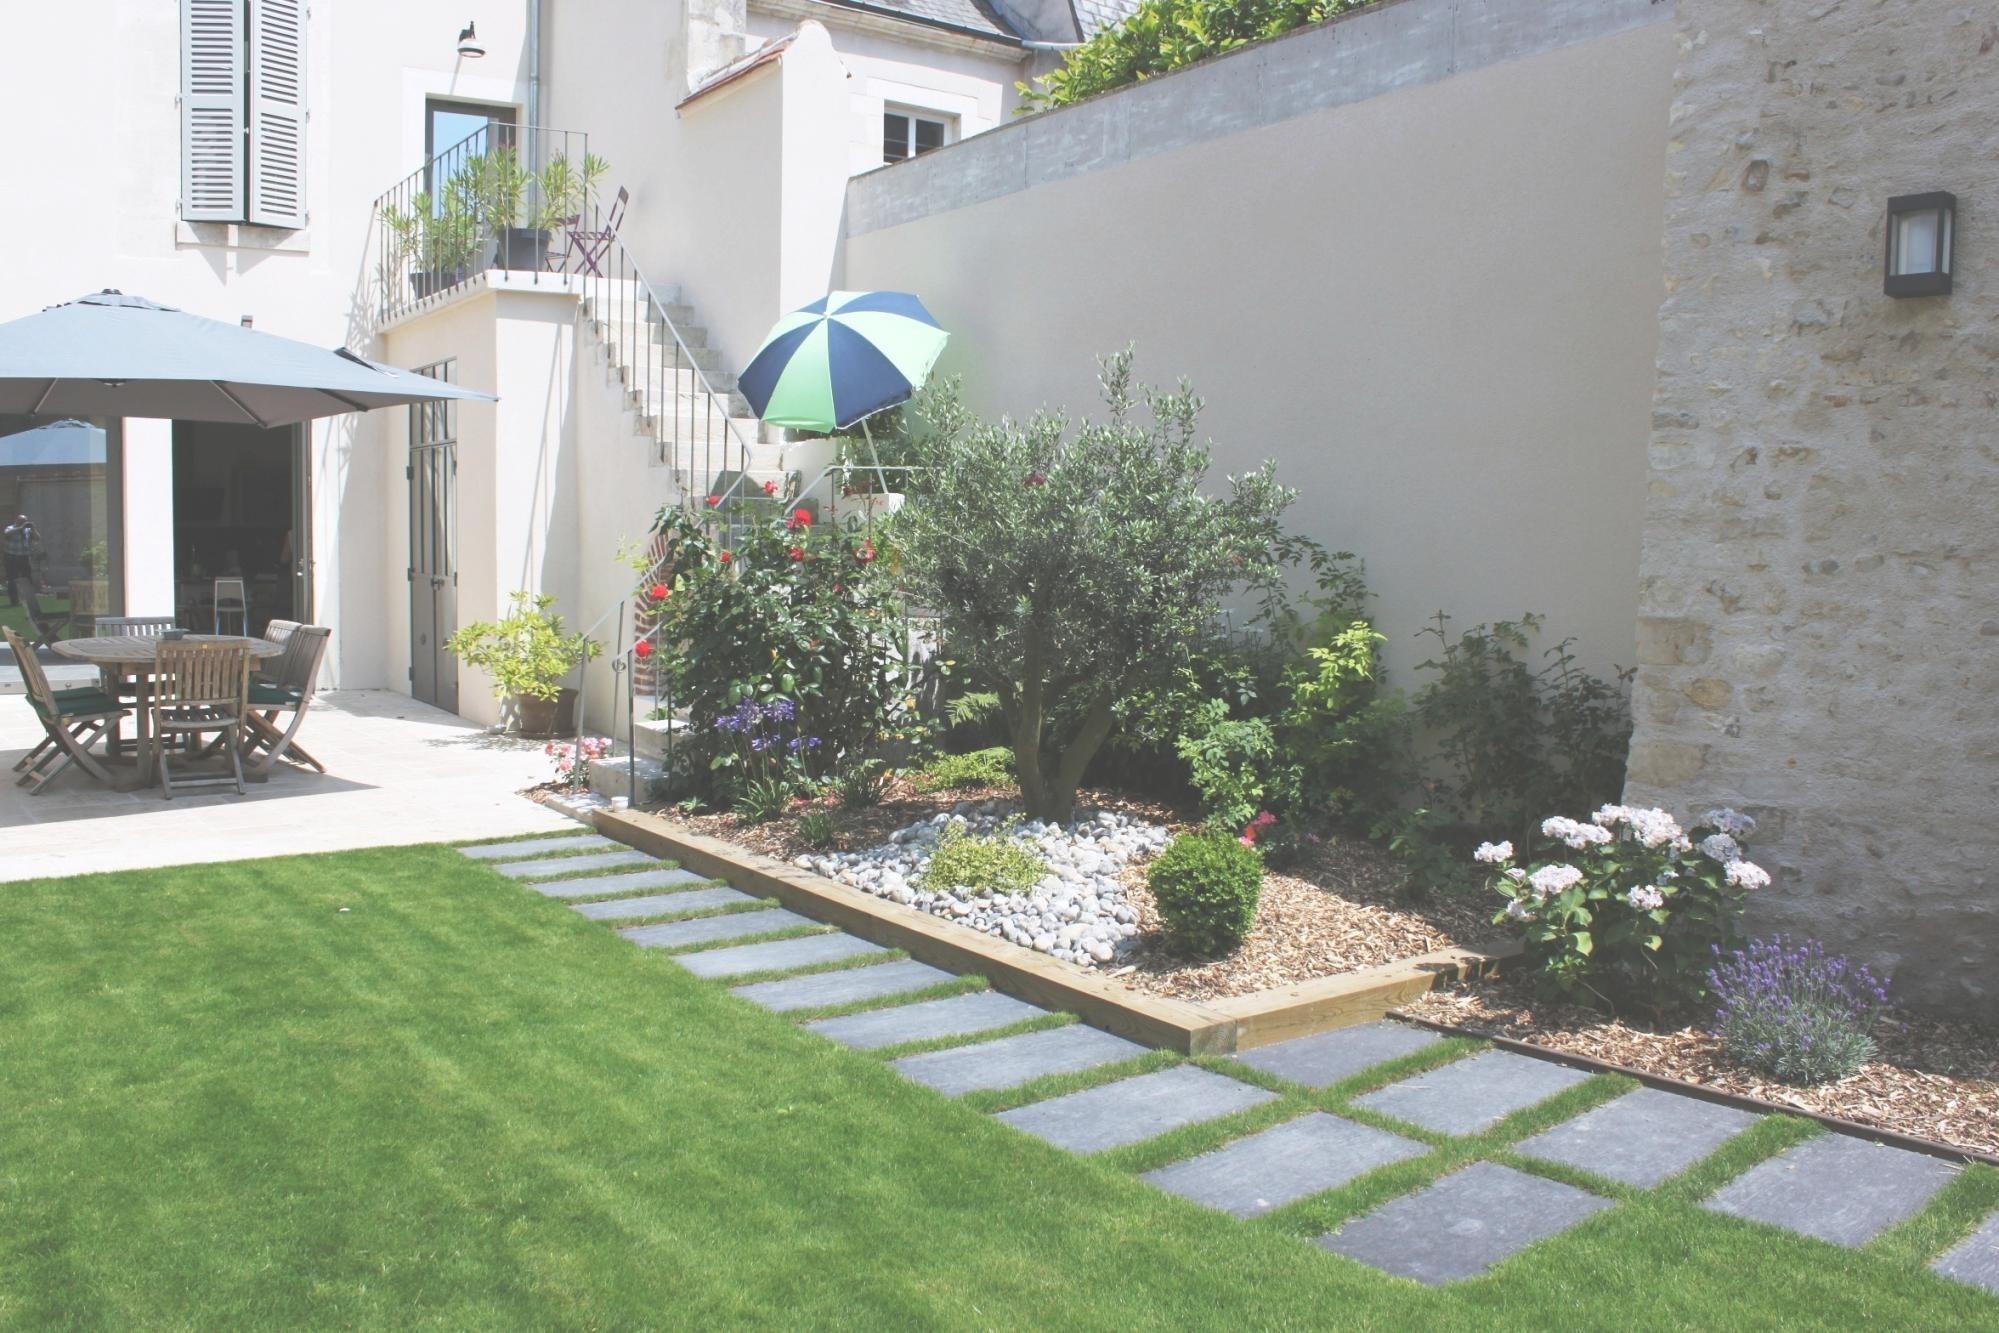 Logiciel Gratuit Paysagiste Frais Galerie Logiciel Jardin Paysagiste Gratuit De Stupéfiant Awesome Exemple D